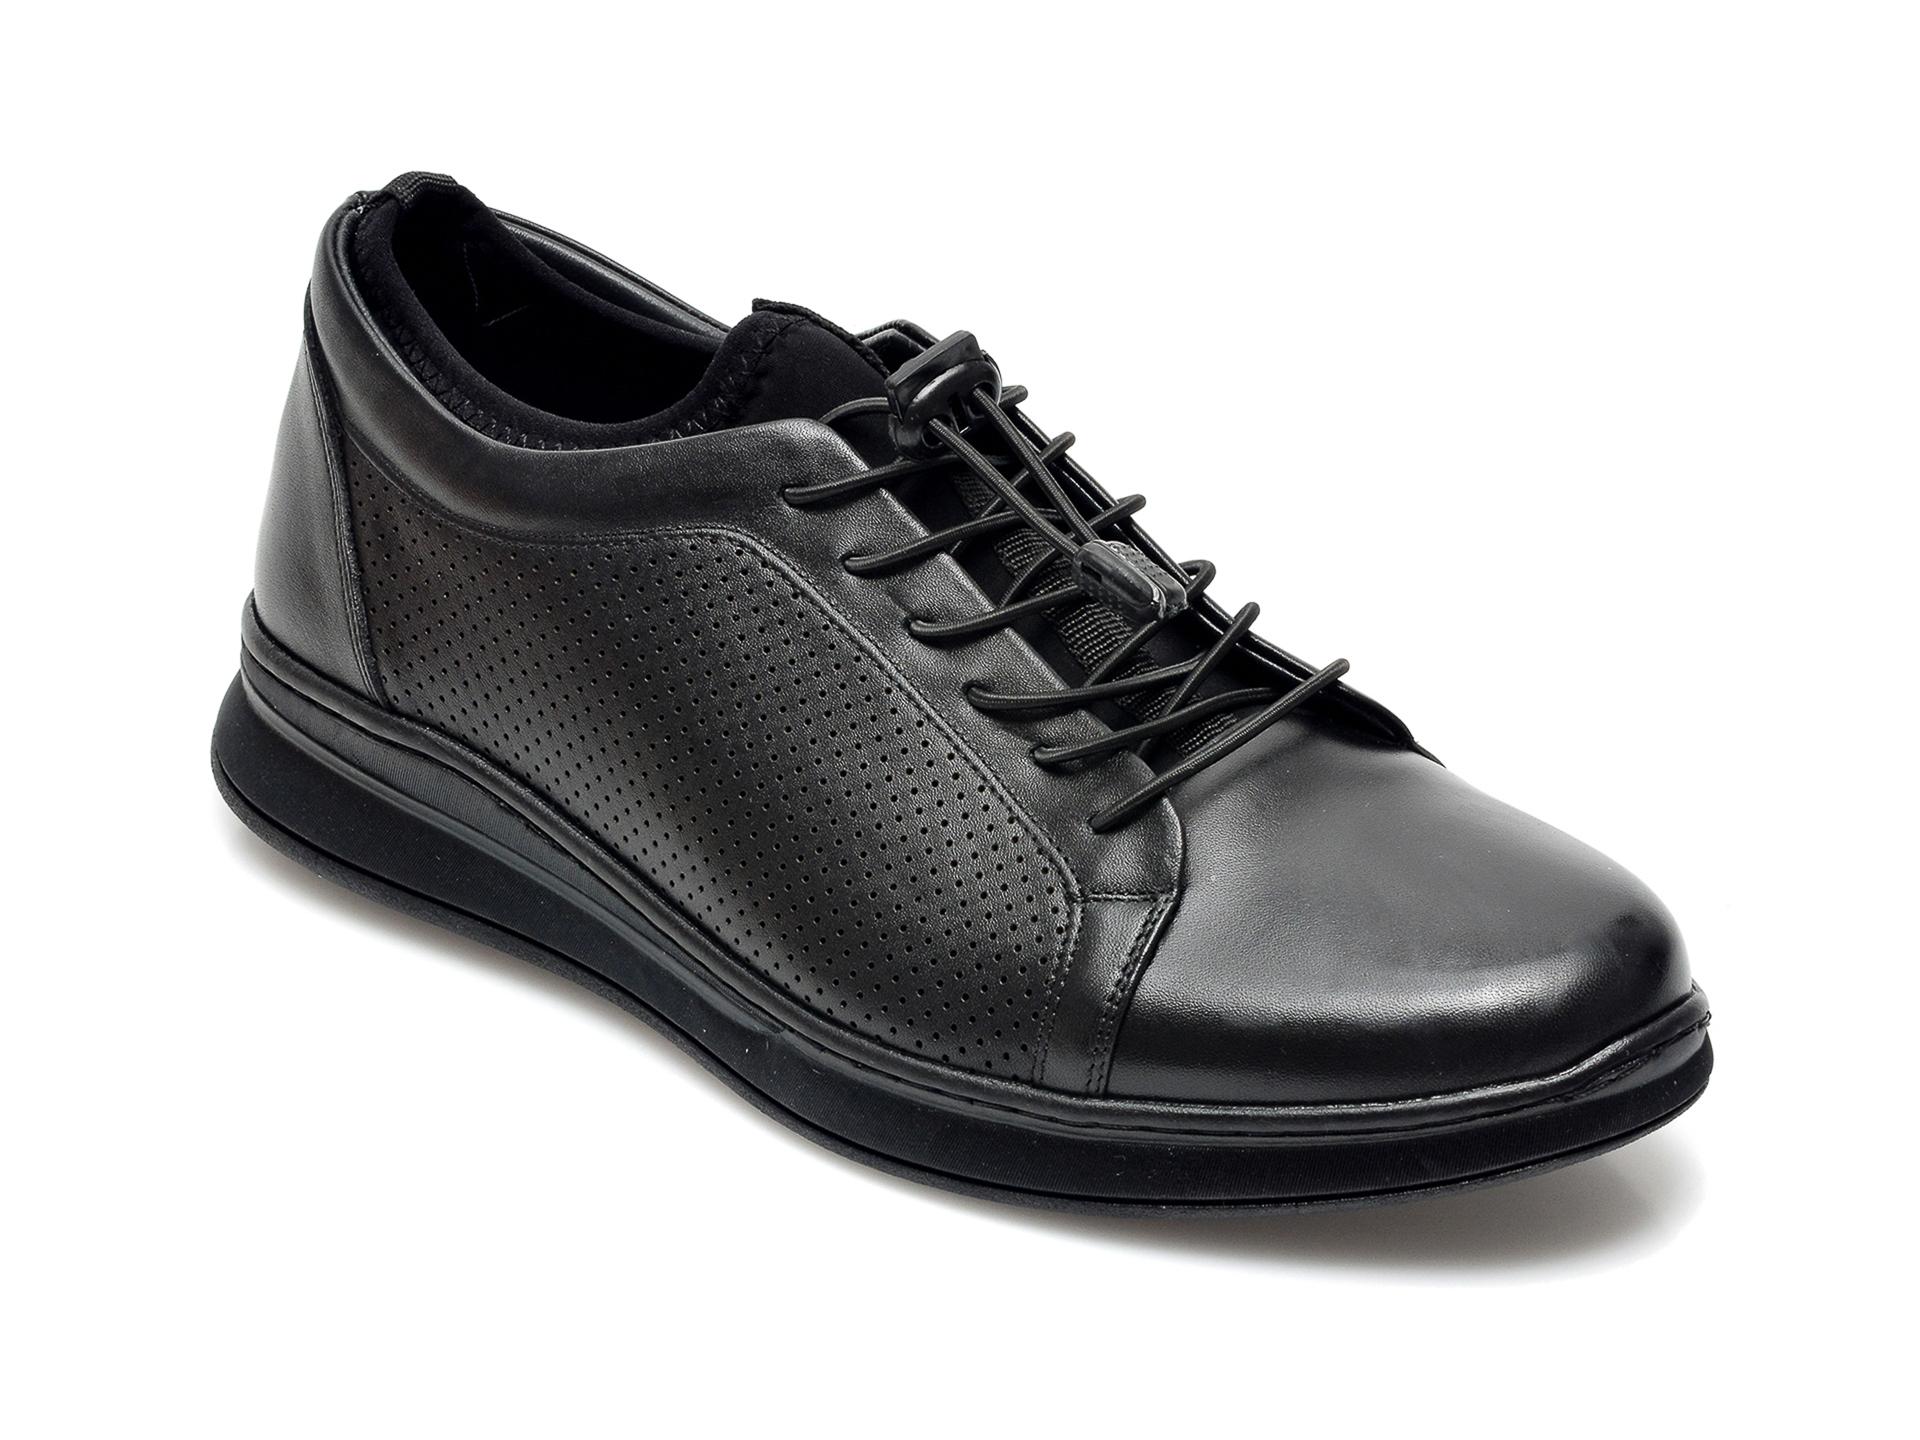 Pantofi OTTER negri, 2047, din piele naturala imagine otter.ro 2021